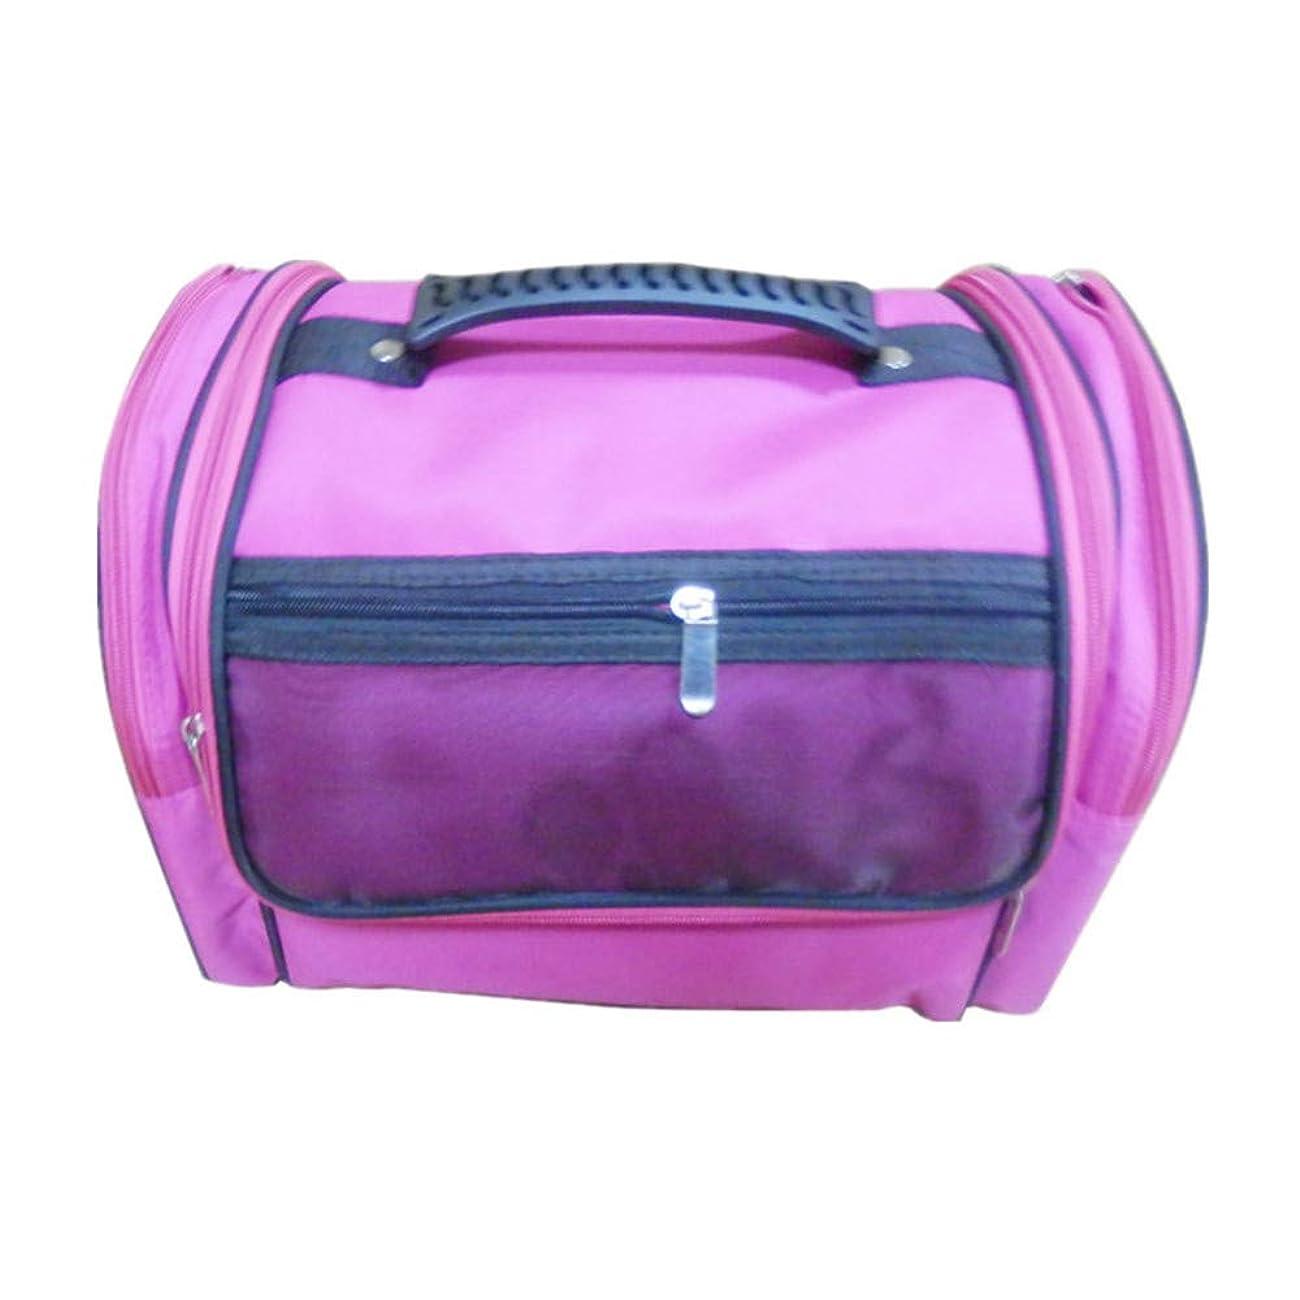 エチケット調和のとれた散らす化粧オーガナイザーバッグ 高容量カジュアルポータ??ブルキャンバス化粧品バッグ旅行のための美容メイクアップとジッパーで毎日のストレージ 化粧品ケース